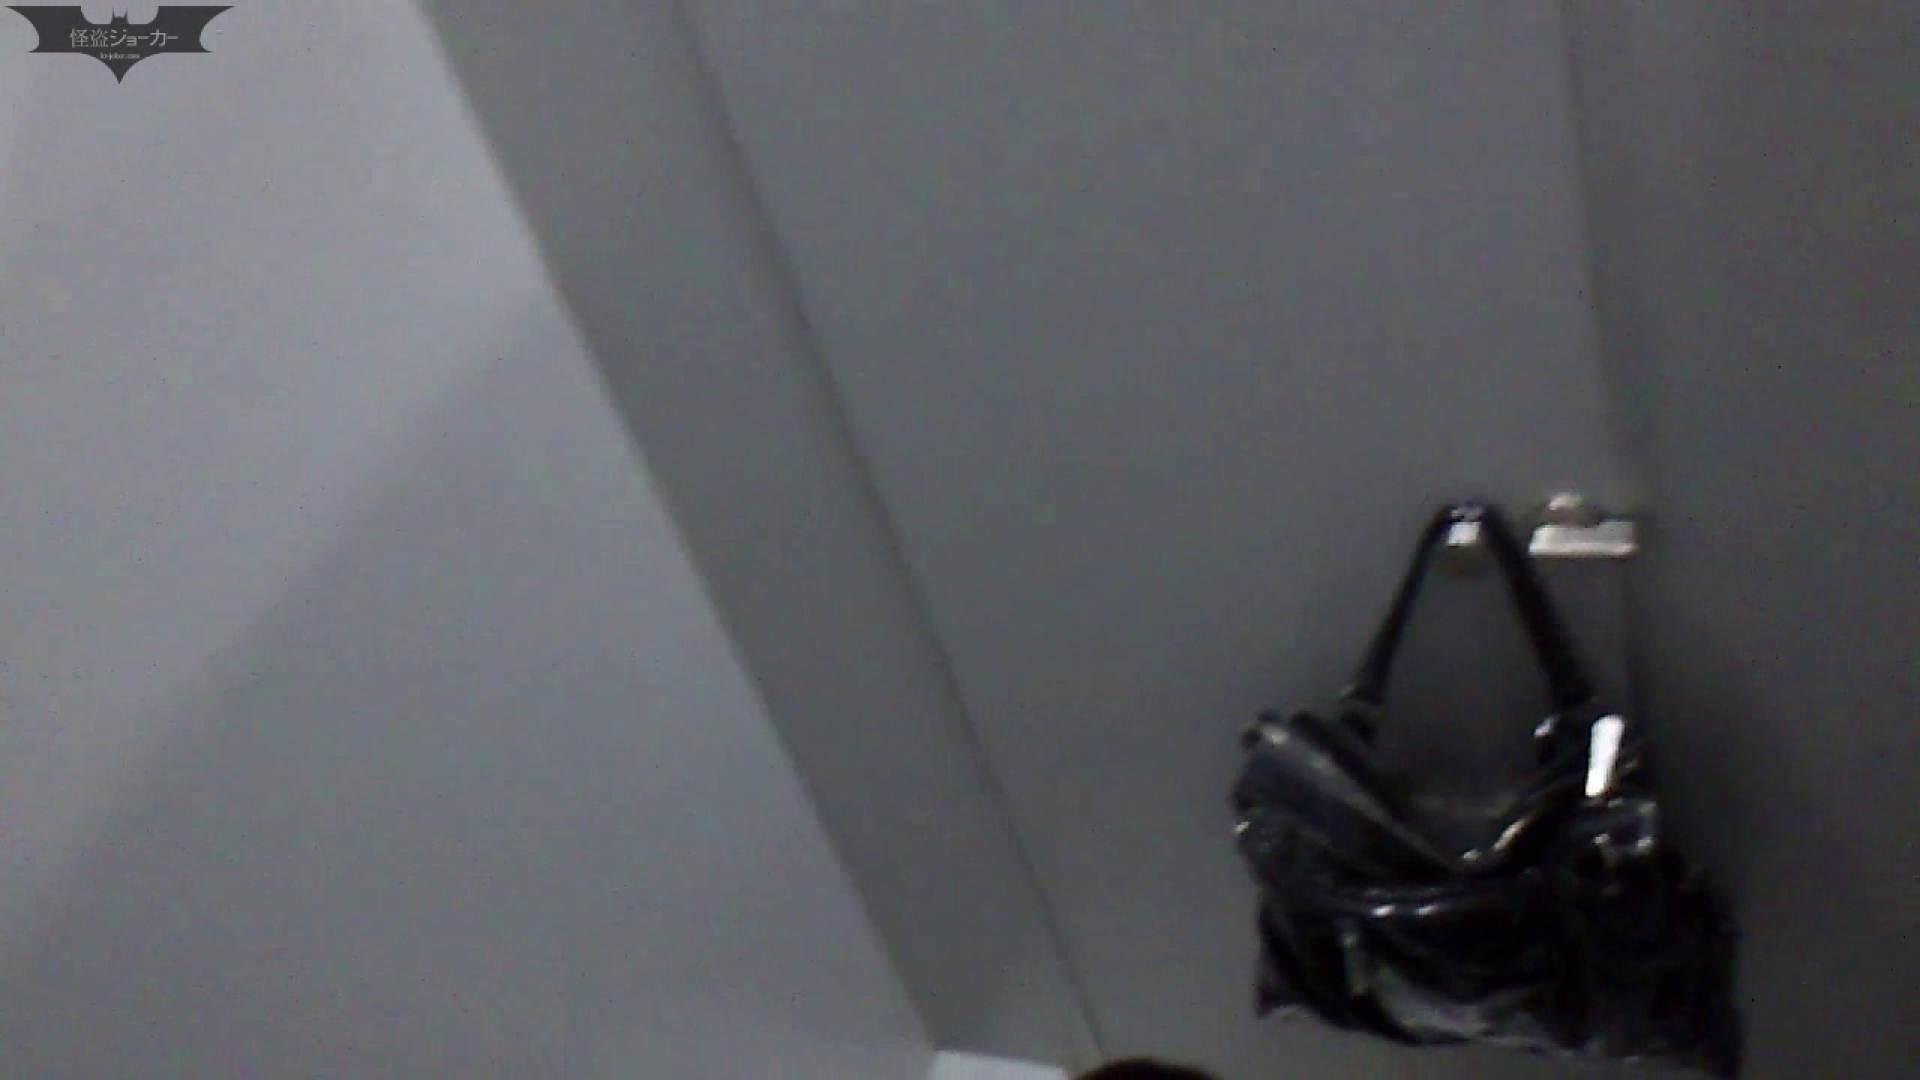 駅隣接デパート8携帯を隣の個室に挿し込んでみたら 美女達のヌード | ギャル・コレクション  43連発 17